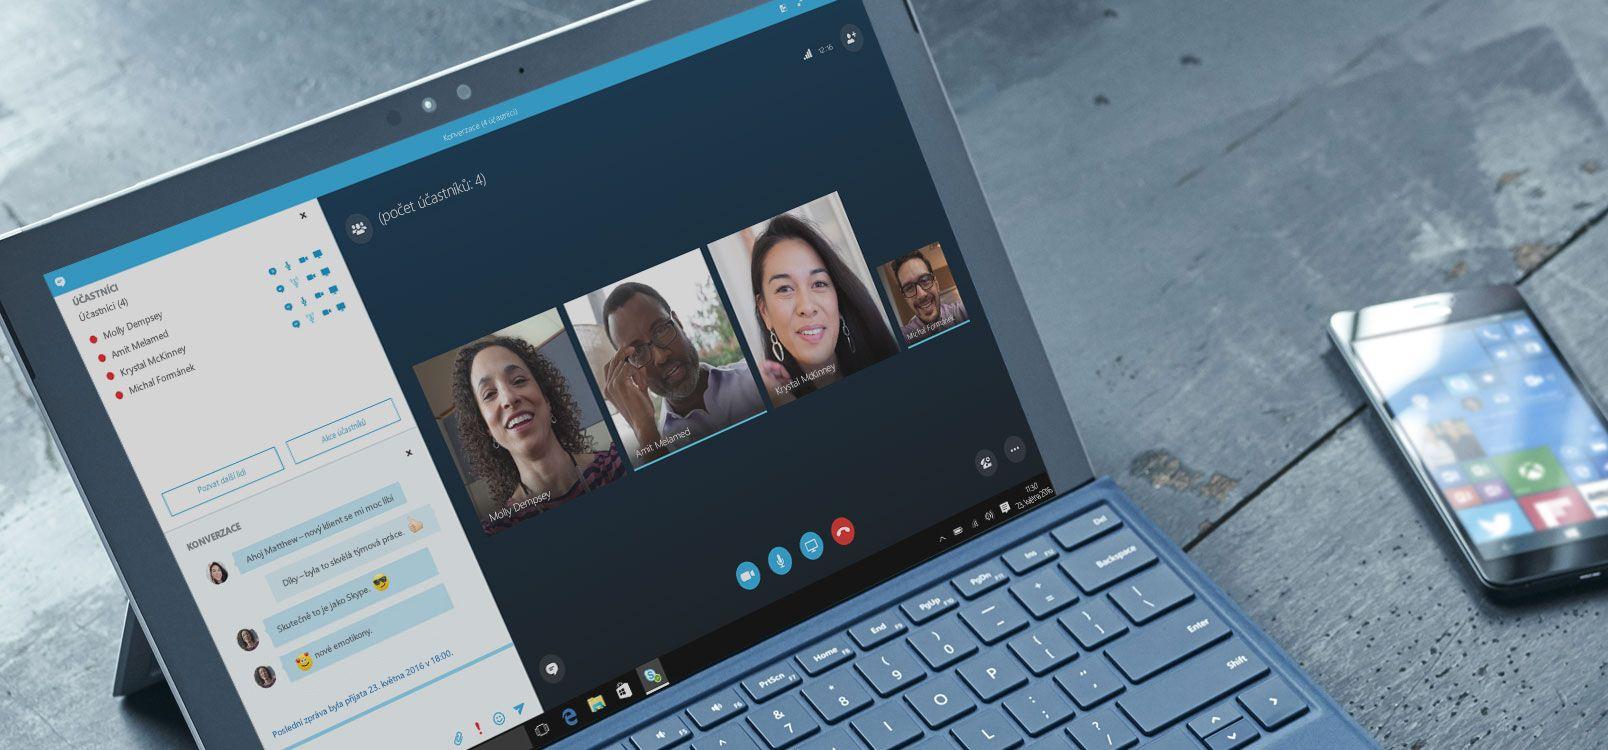 Žena, která spolupracuje na dokumentech na tabletu a smartphonu pomocí Office 365